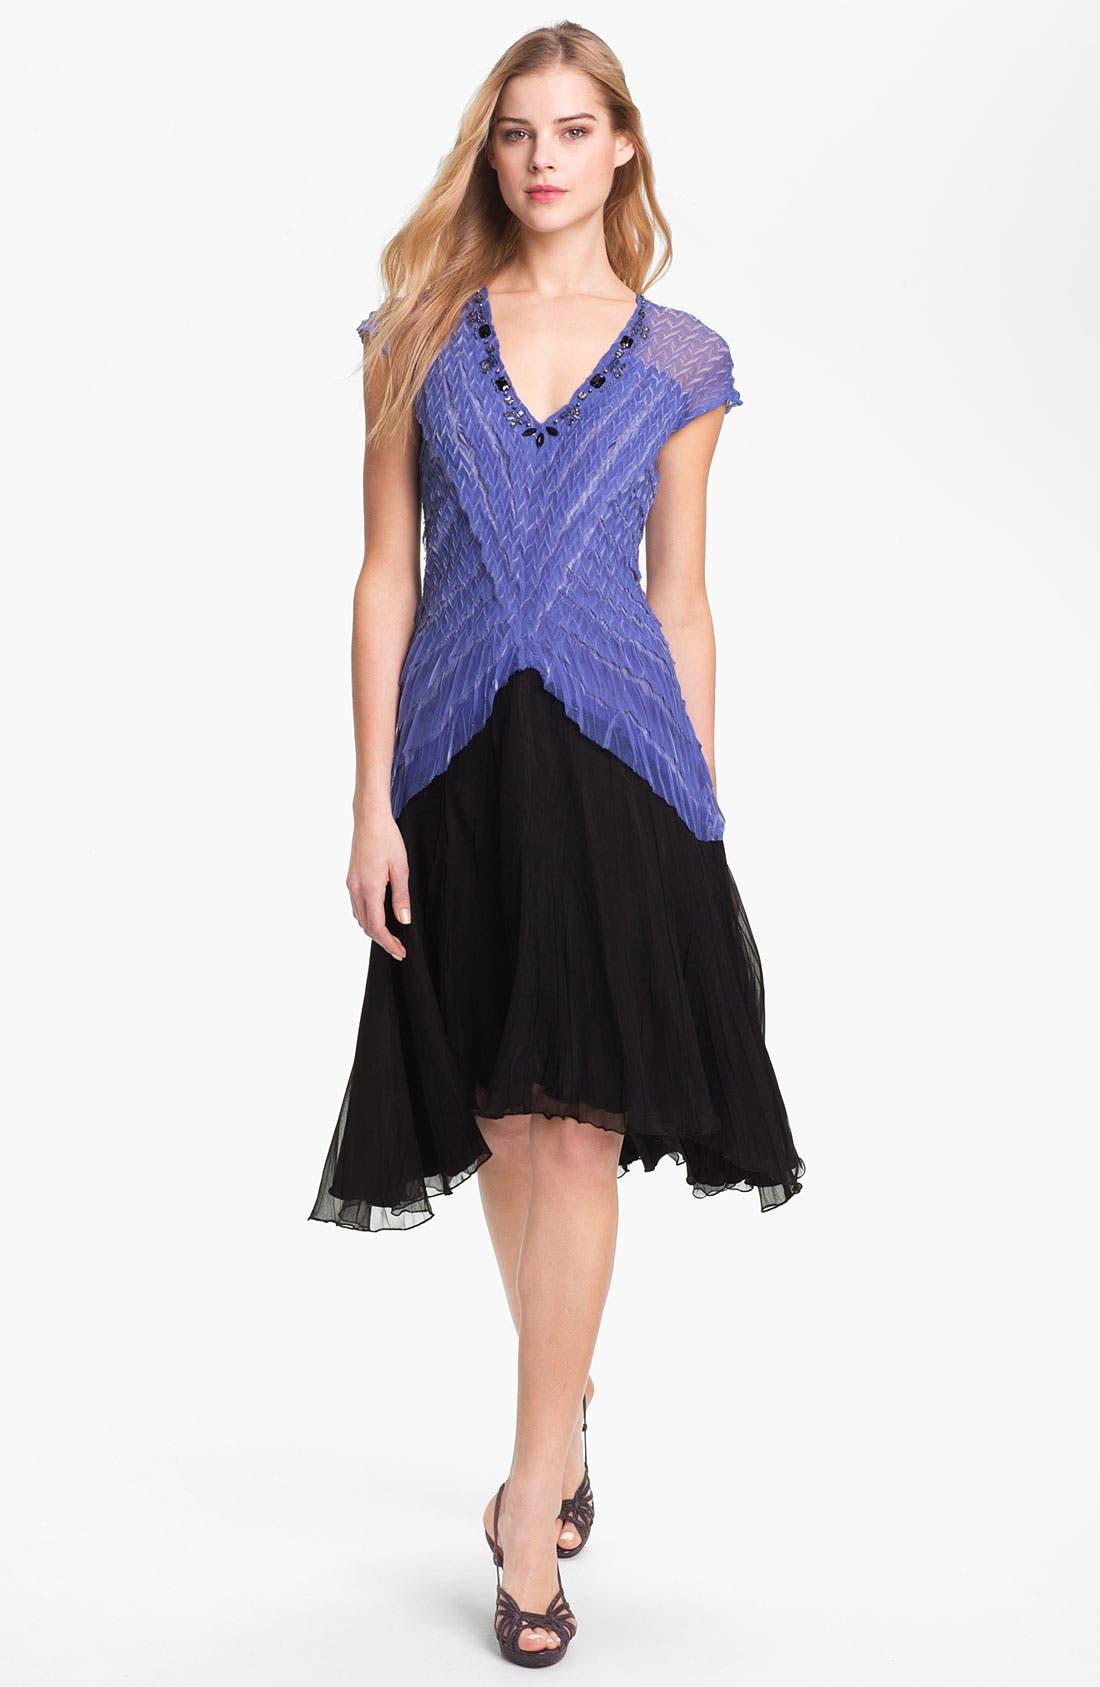 Alternate Image 1 Selected - Black by Komarov Embellished Textured A-Line Dress